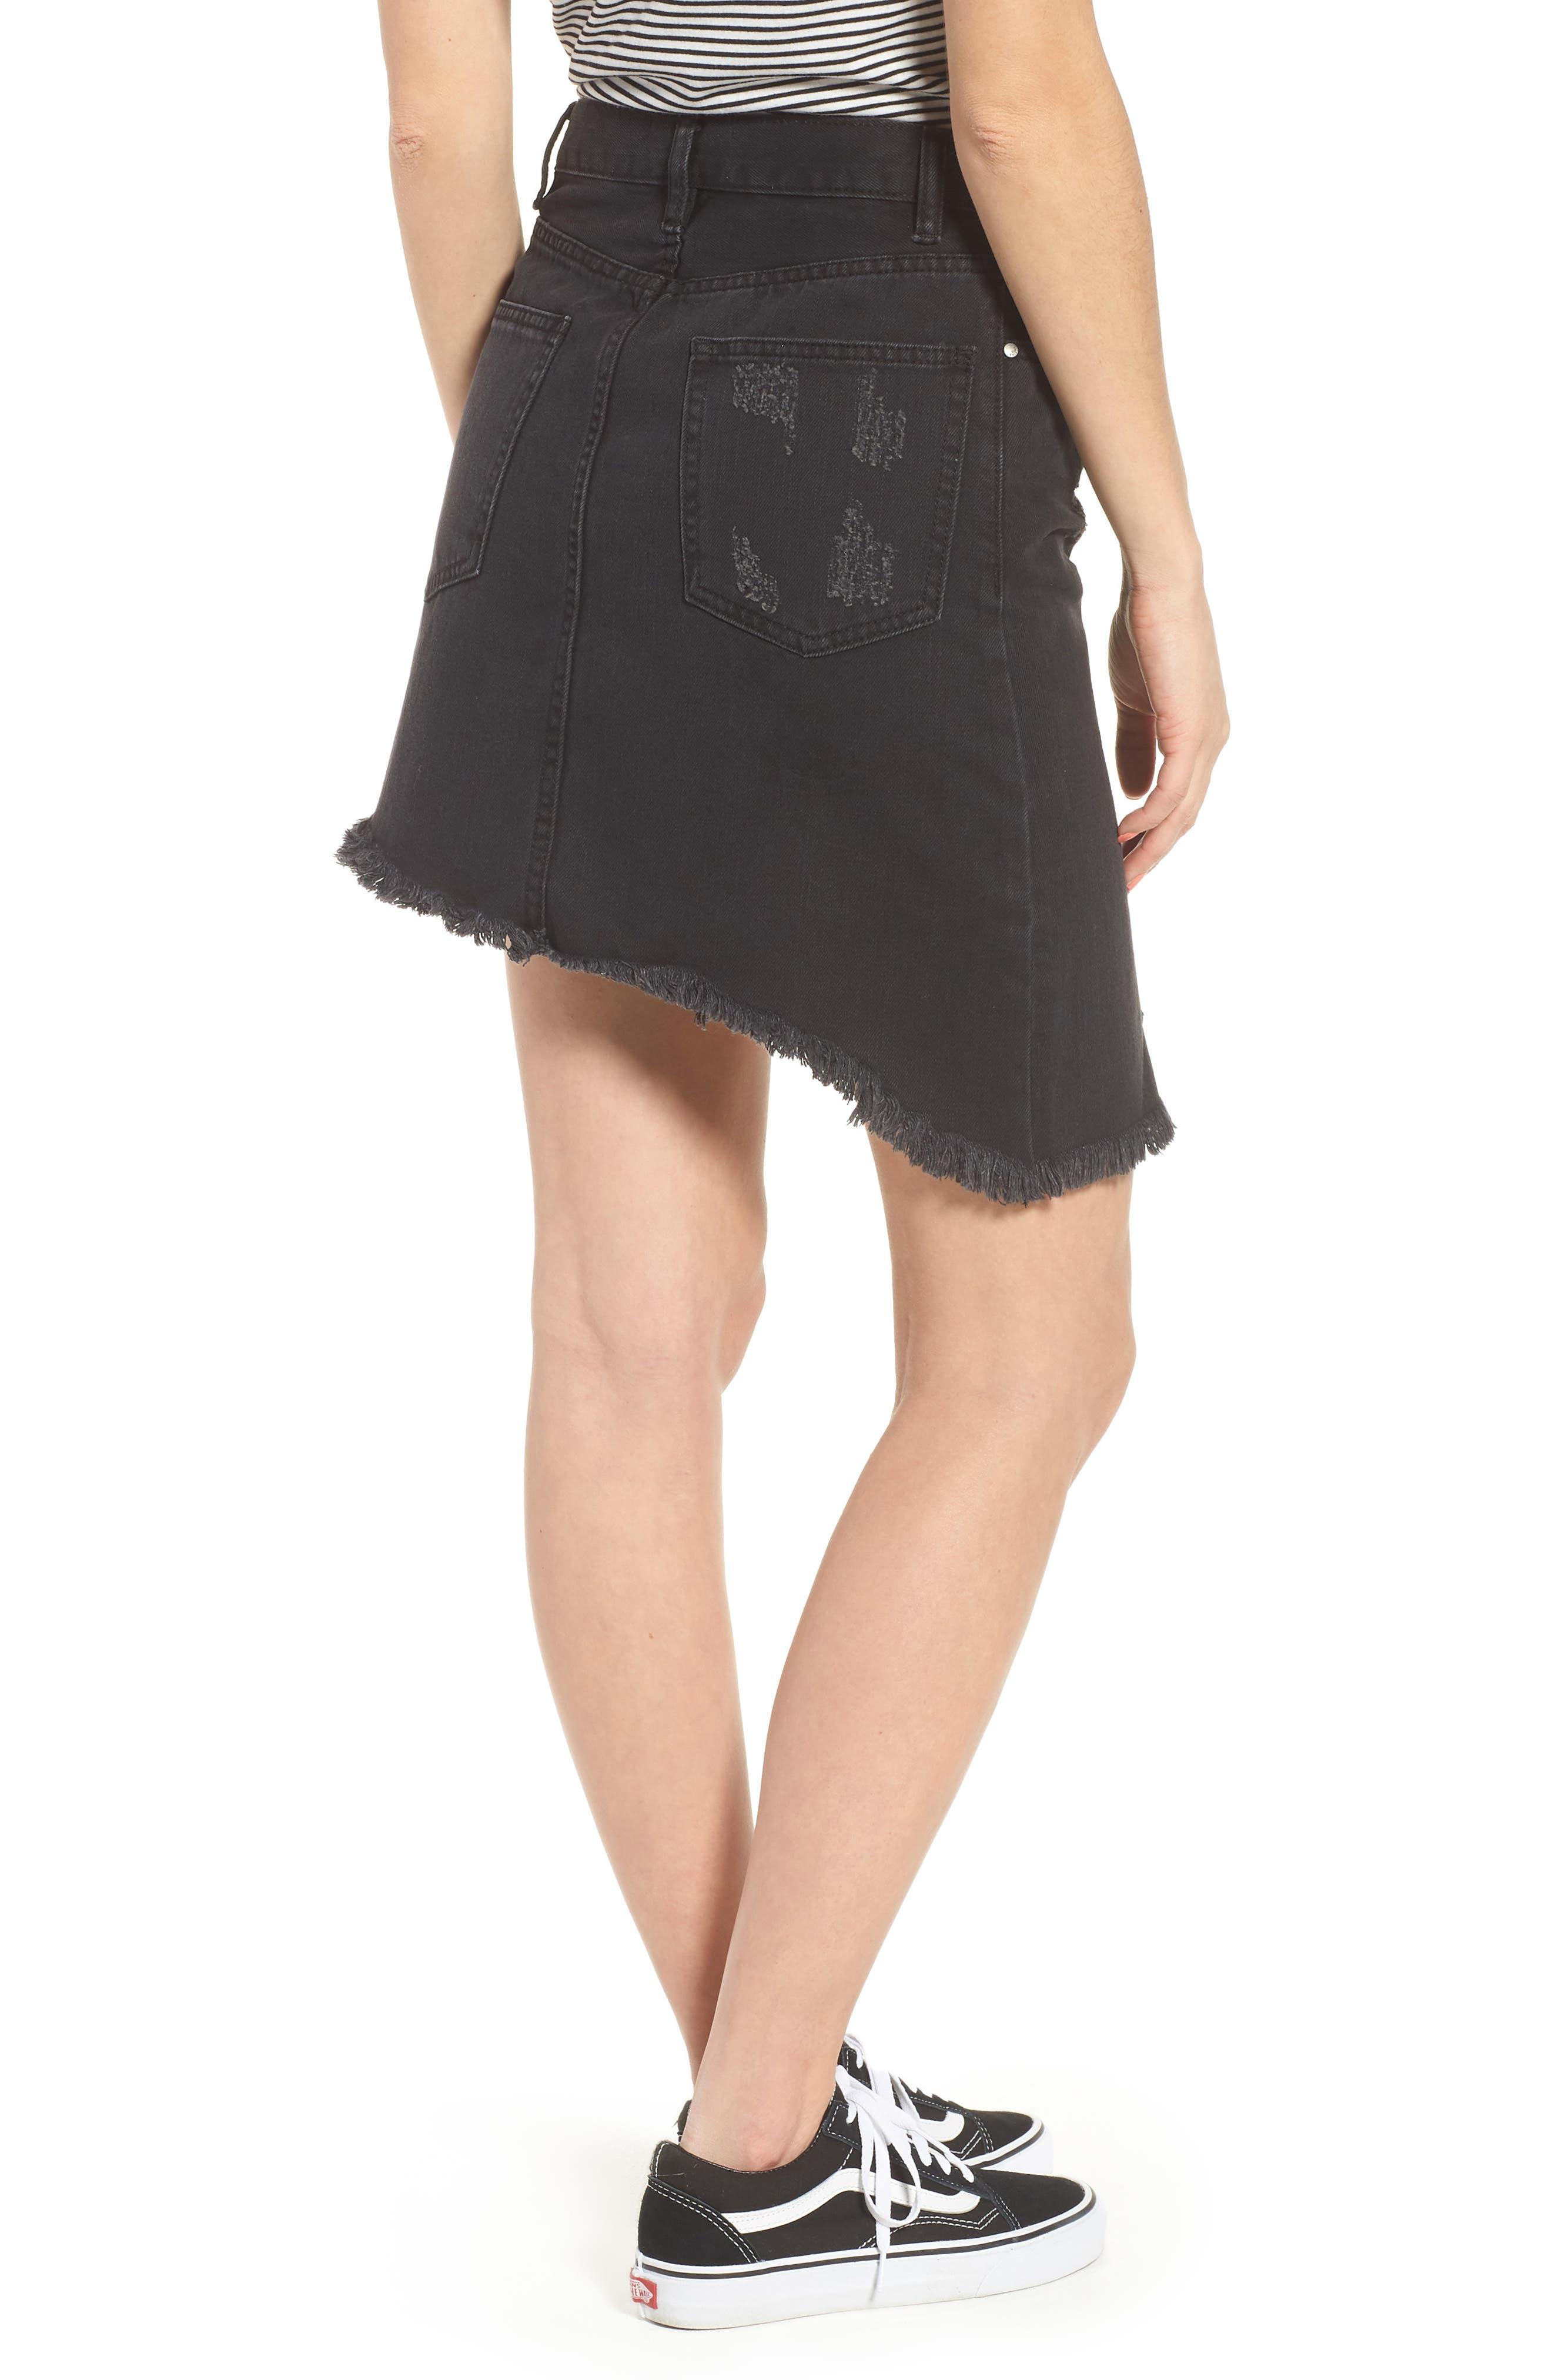 EVDNT Modena Asymmetrical Denim Skirt,                             Alternate thumbnail 2, color,                             Black Sheep